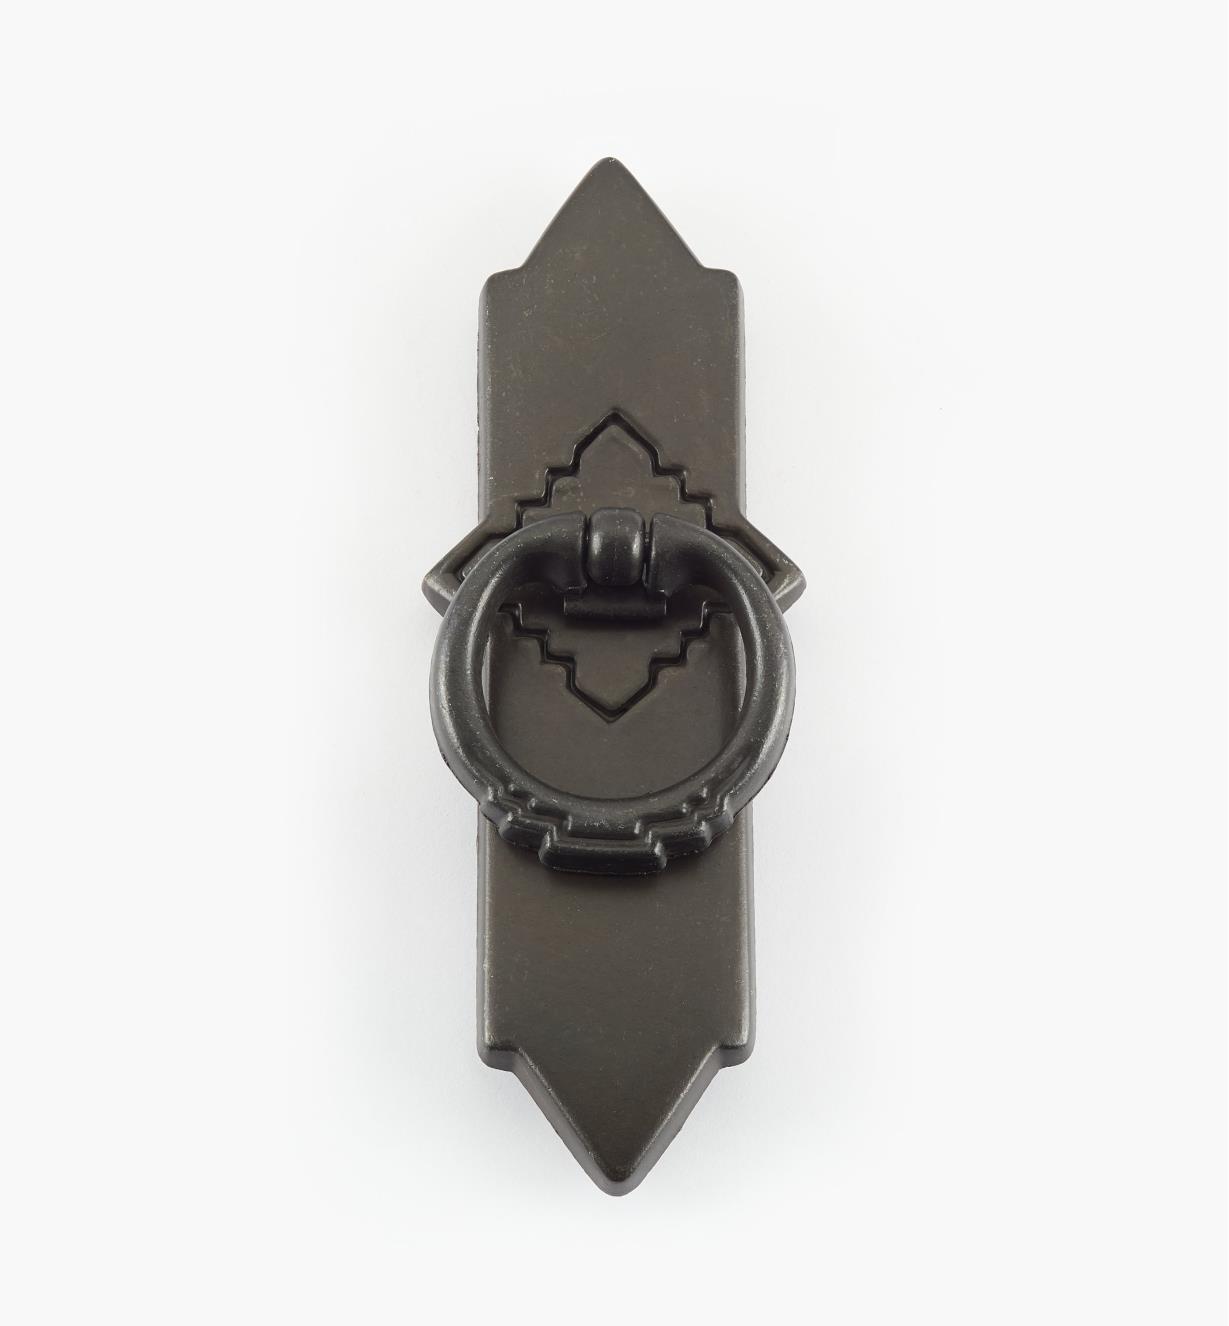 01G6131 - Poignée à anneau sur platine de 1 5/8 po x 4 5/8 po, série Southwest, fer noir